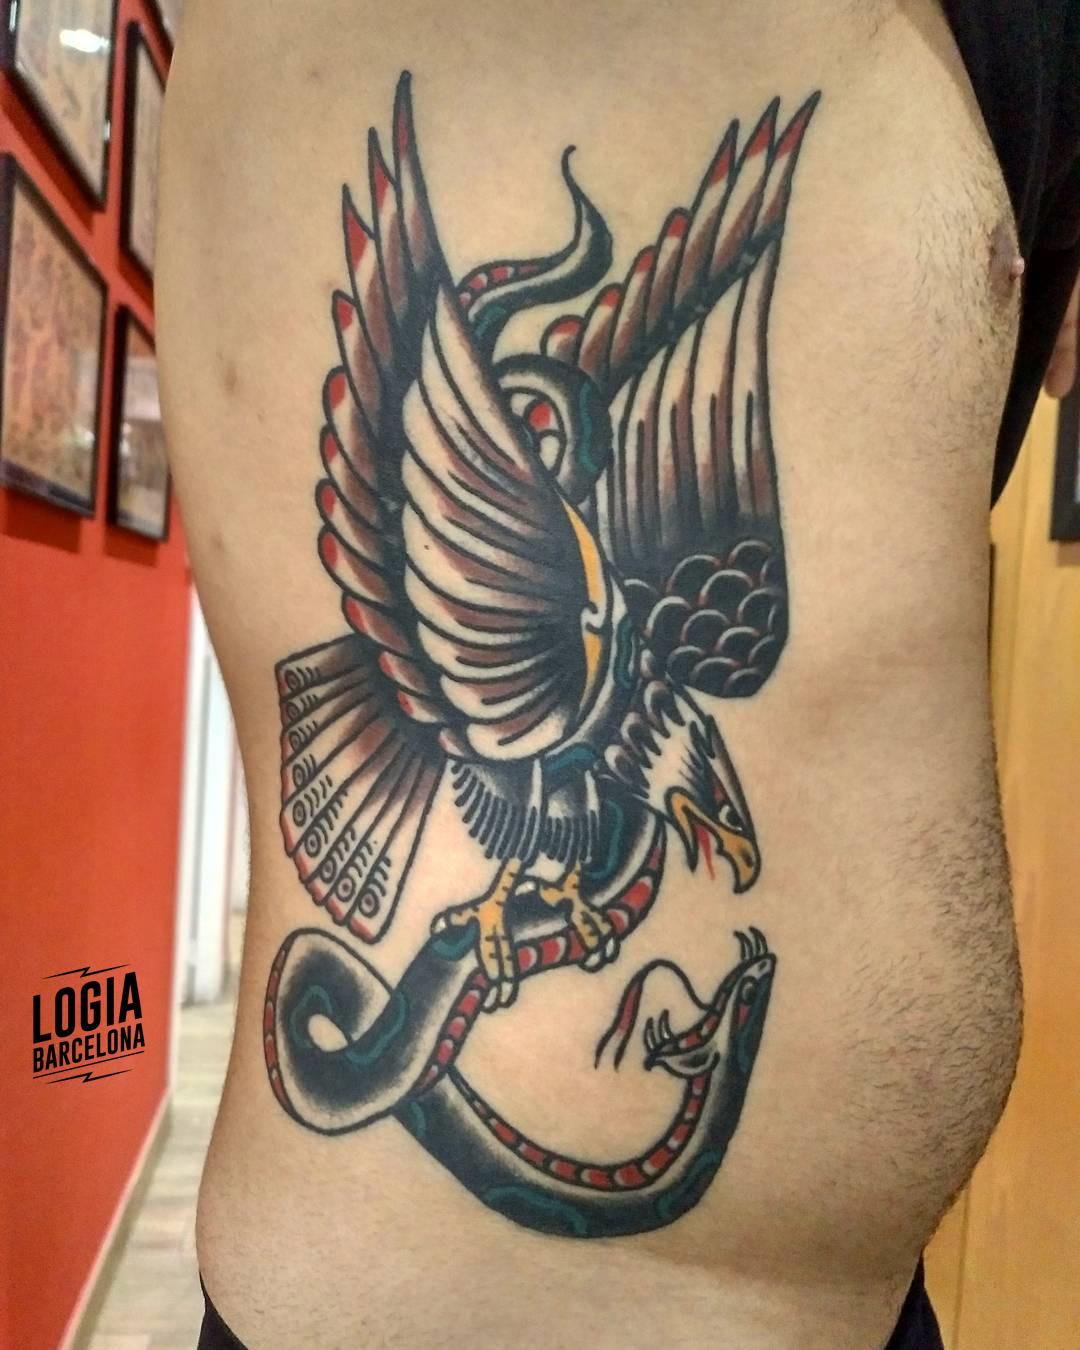 Tatuaje Azteca Águila Serpiente Oldschool costado Julio Voltaje Logia Barcelona